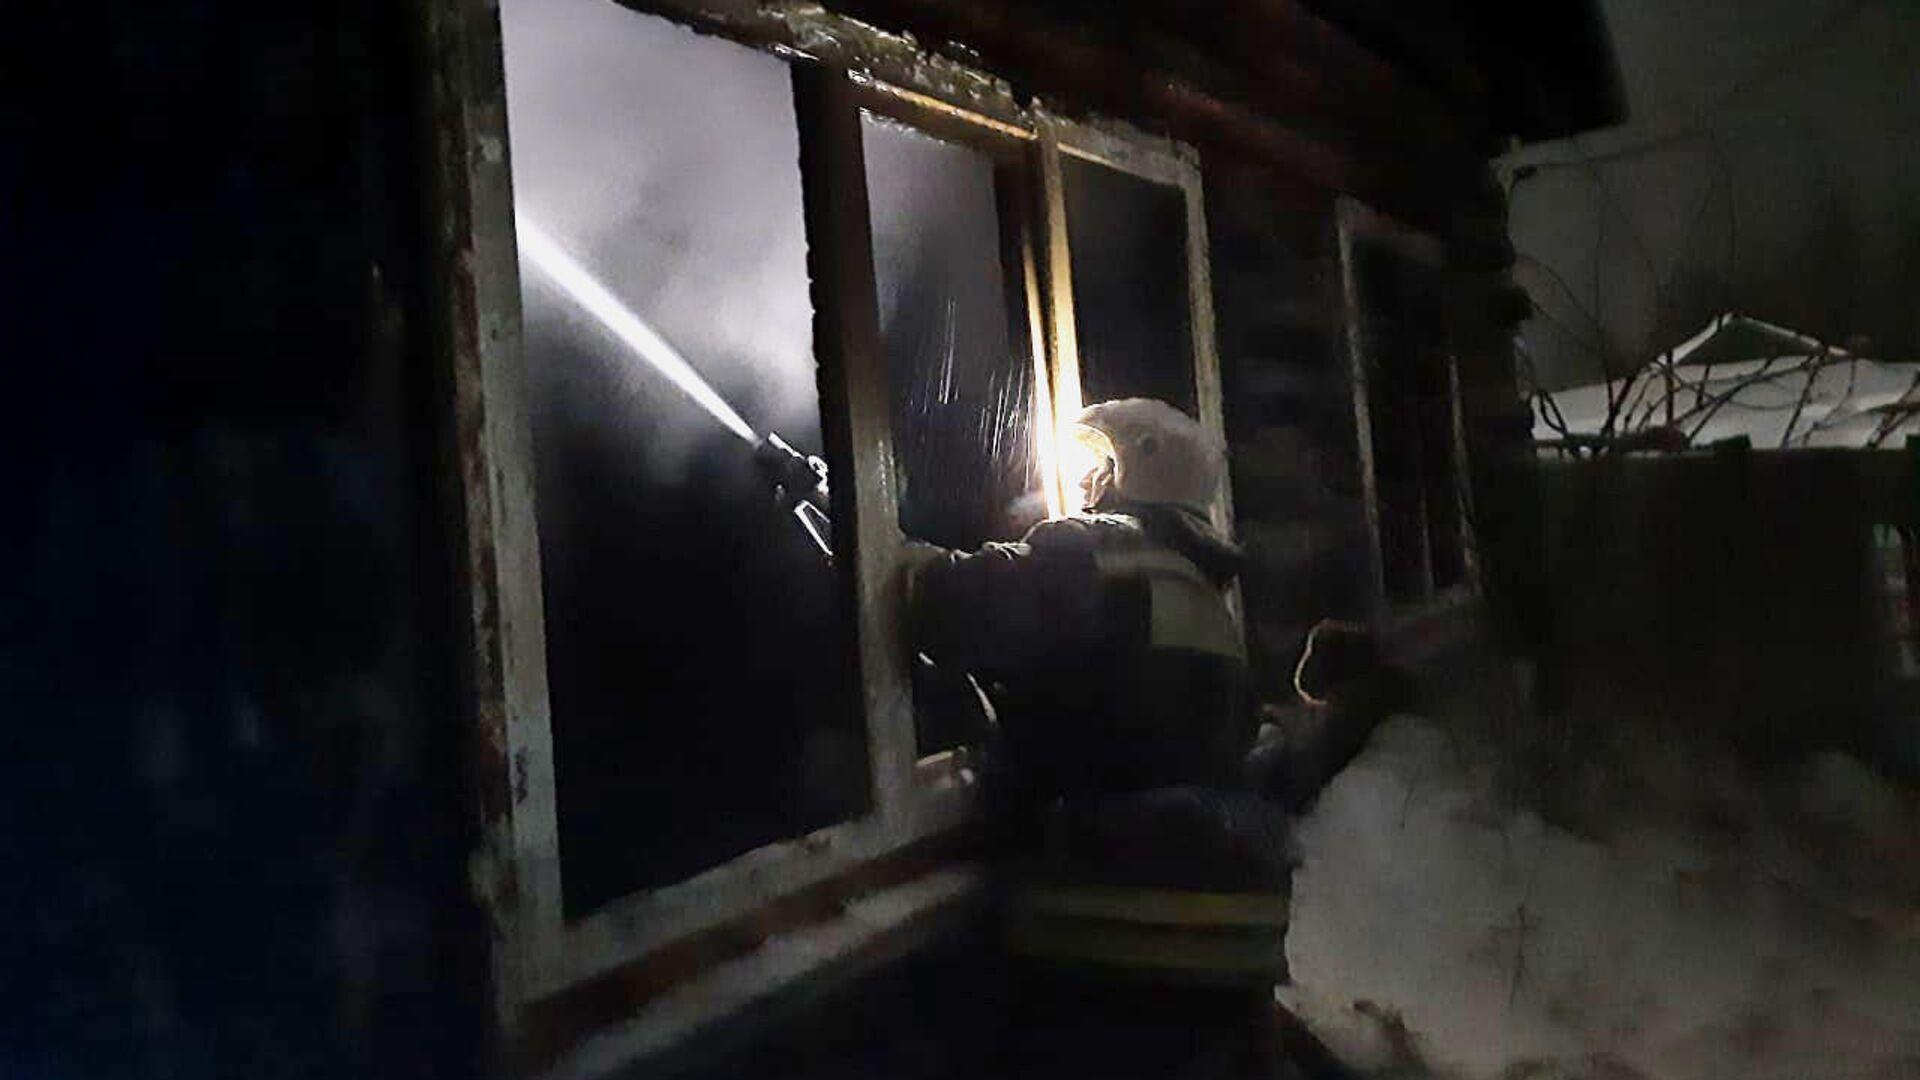 На месте пожара в селе Большие Уки Омской области - РИА Новости, 1920, 08.03.2021